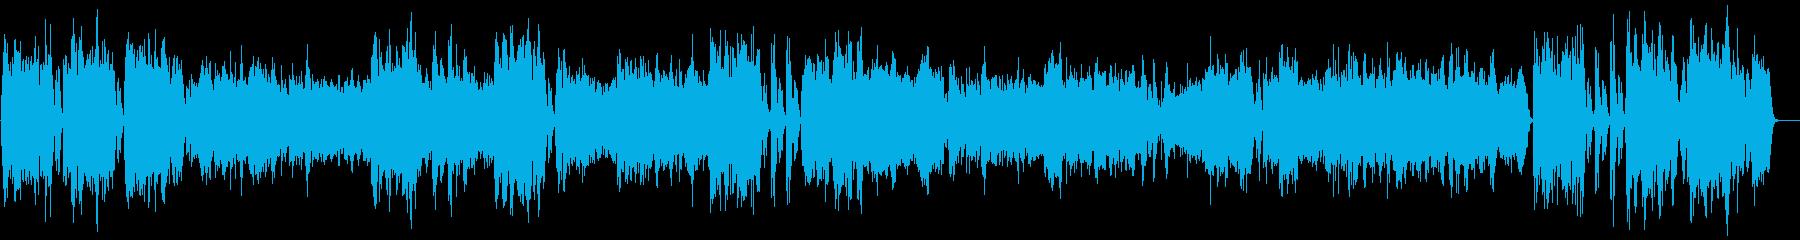 かっこいいバロック式ヴァイオリン協奏曲の再生済みの波形